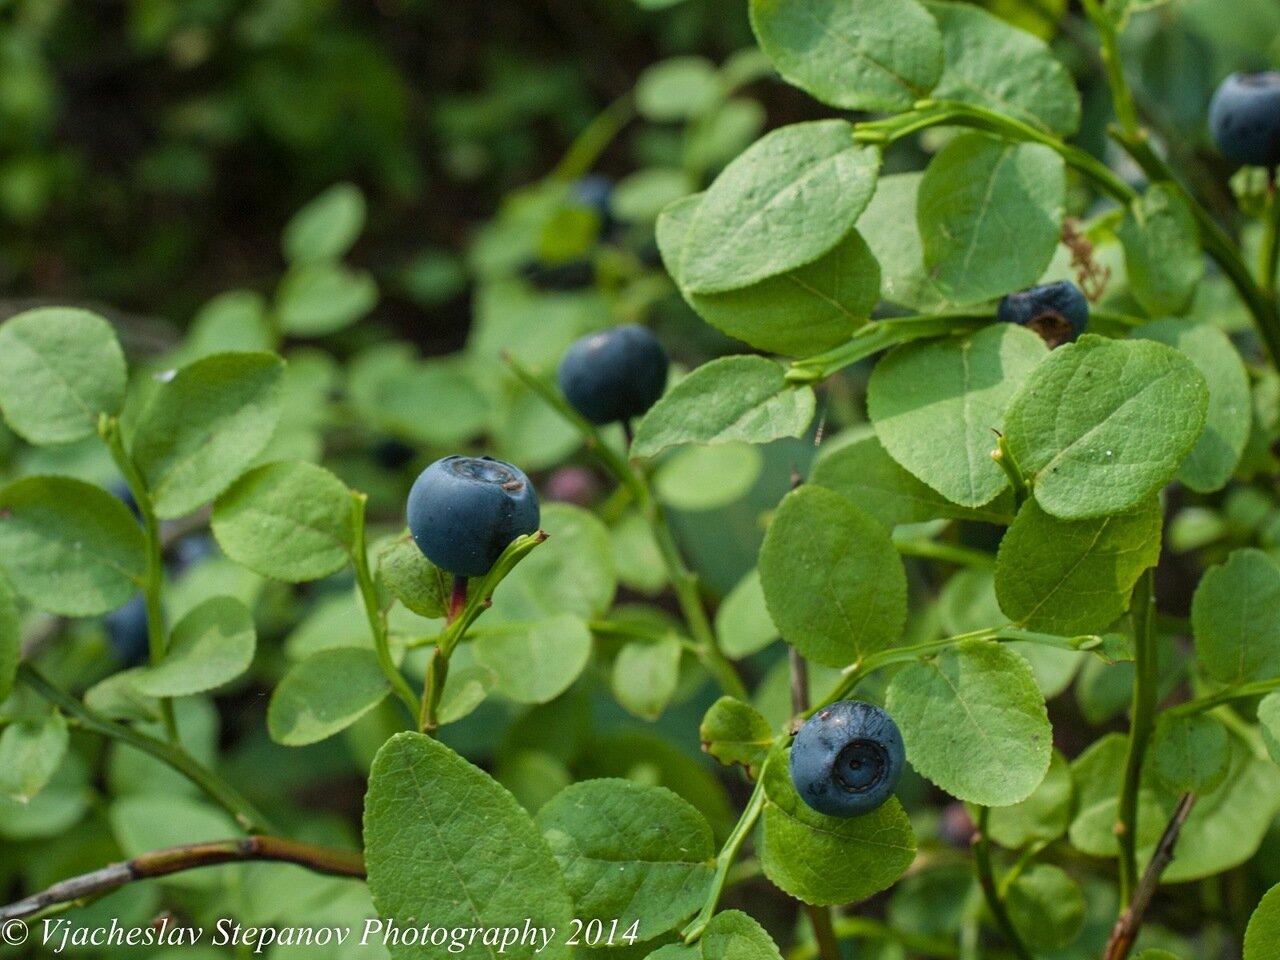 Черника обыкновенная (Vaccinium myrtillus); Автор фото - Вячеслав Степанов